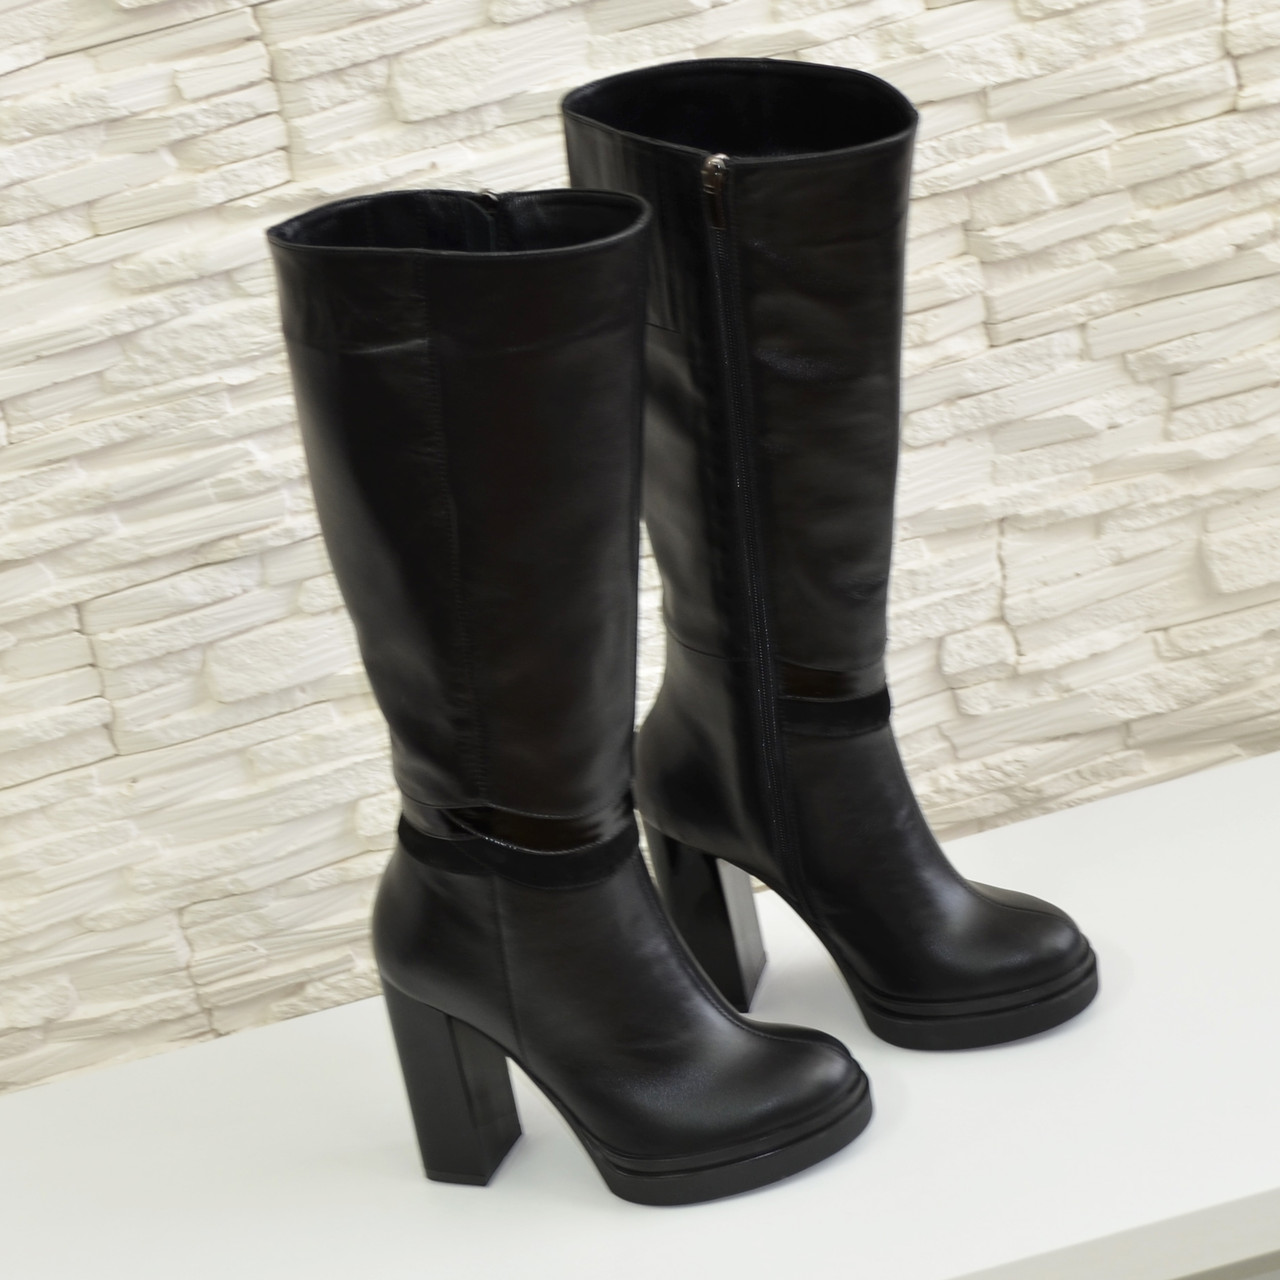 381d2268c474 Женские зимние кожаные сапоги на высоком каблуке, декорированы вставками из  ...